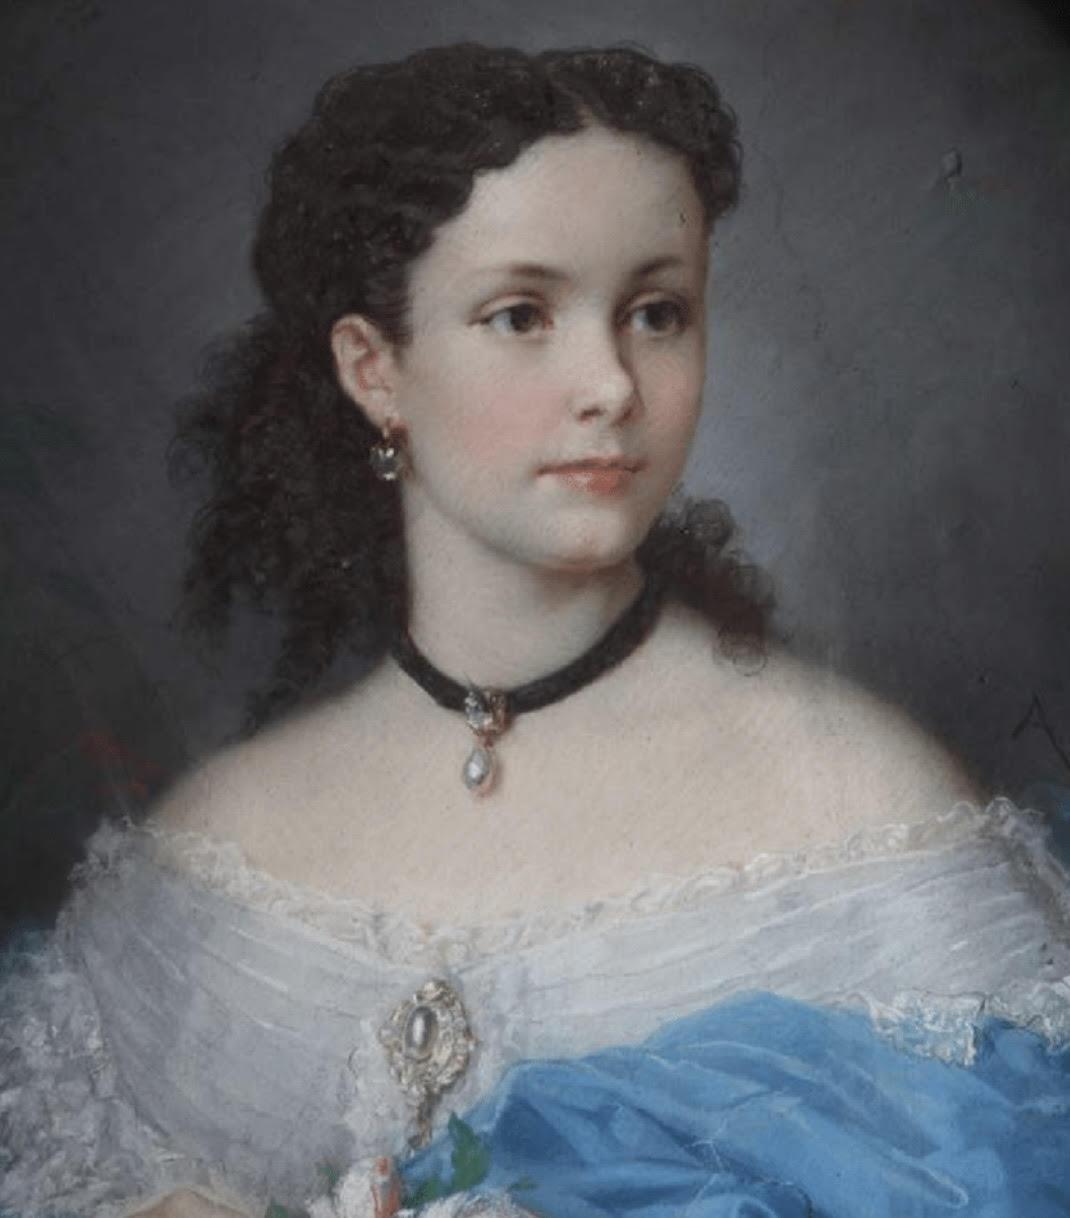 INFANTA ISABEL DETALLE DEL CUADRO DE ALPHONSE MURATON 1865 EN REALES ALCAZARES DE SEVILLA PATRIMONIO NACIONAL